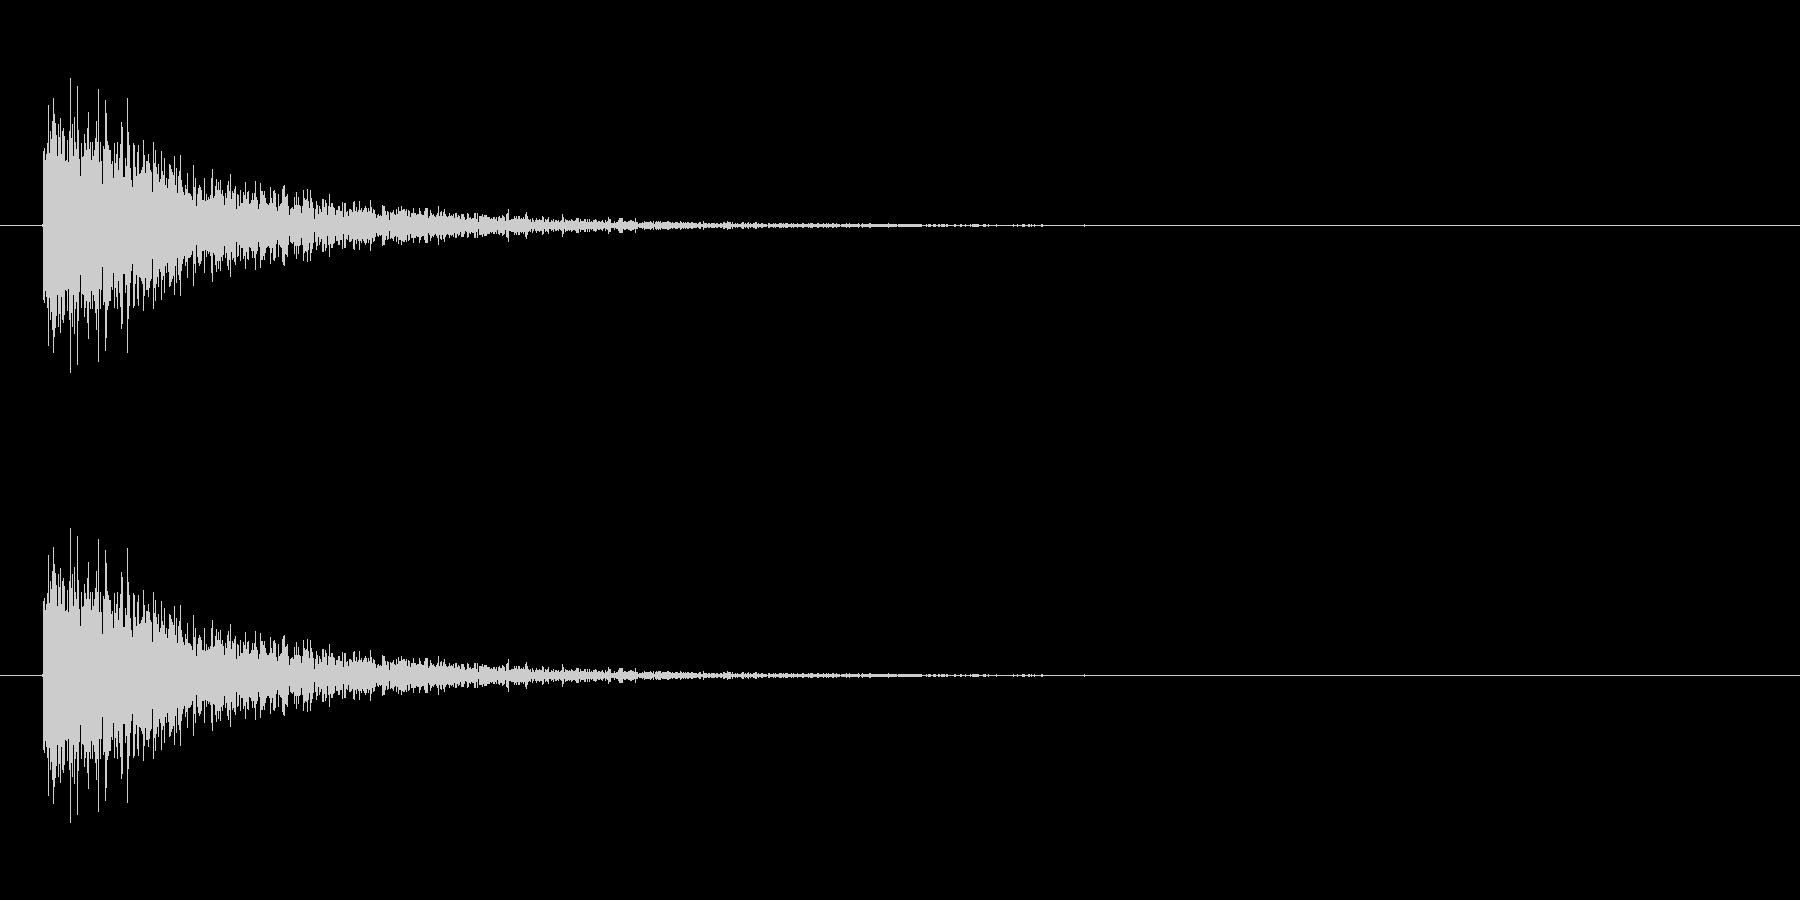 防御 3の未再生の波形